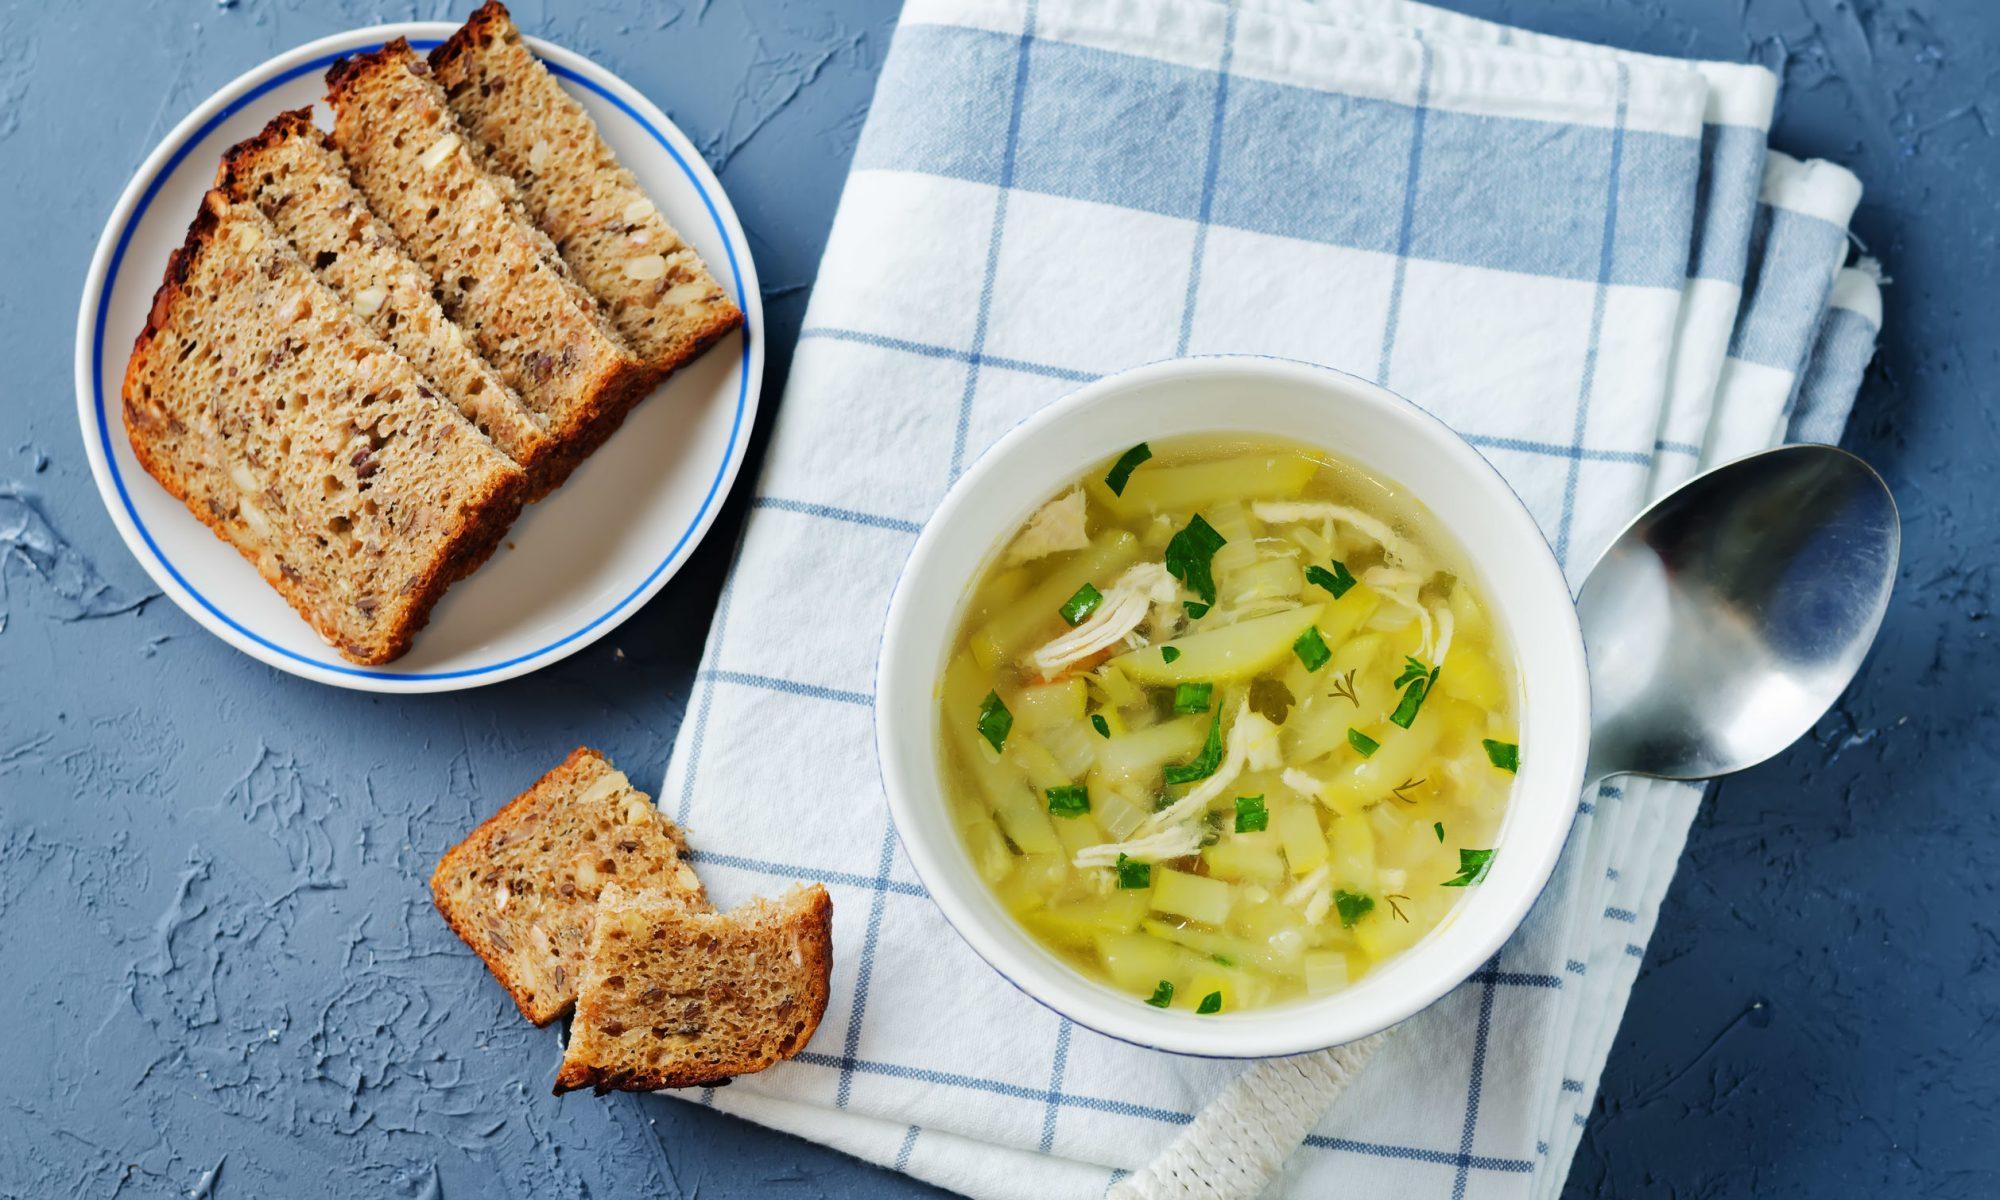 Куриный суп: рецепт с фото пошагово (6 вариантов)